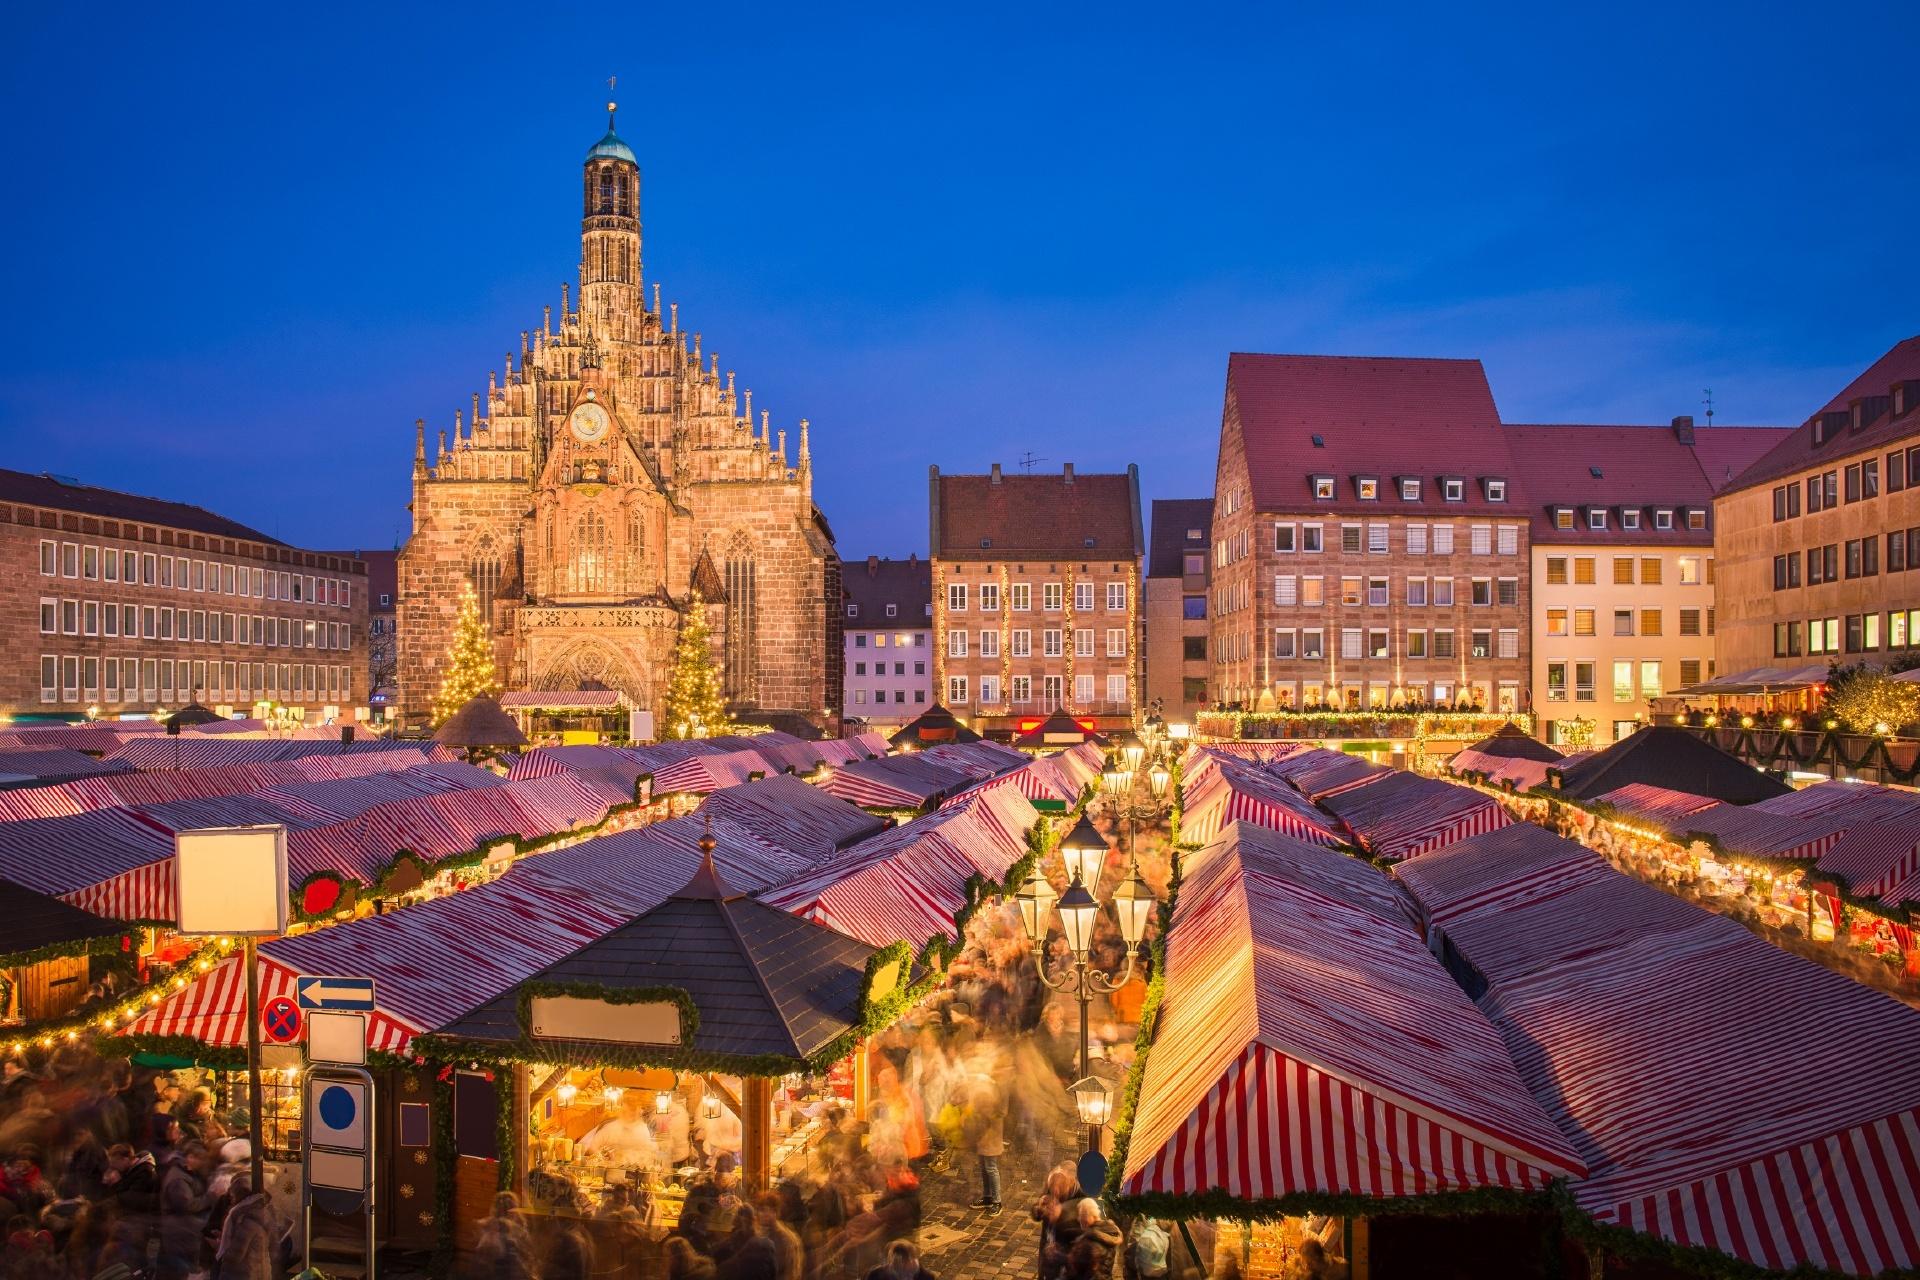 ドイツのクリスマス ニュルンベルク ドイツの風景